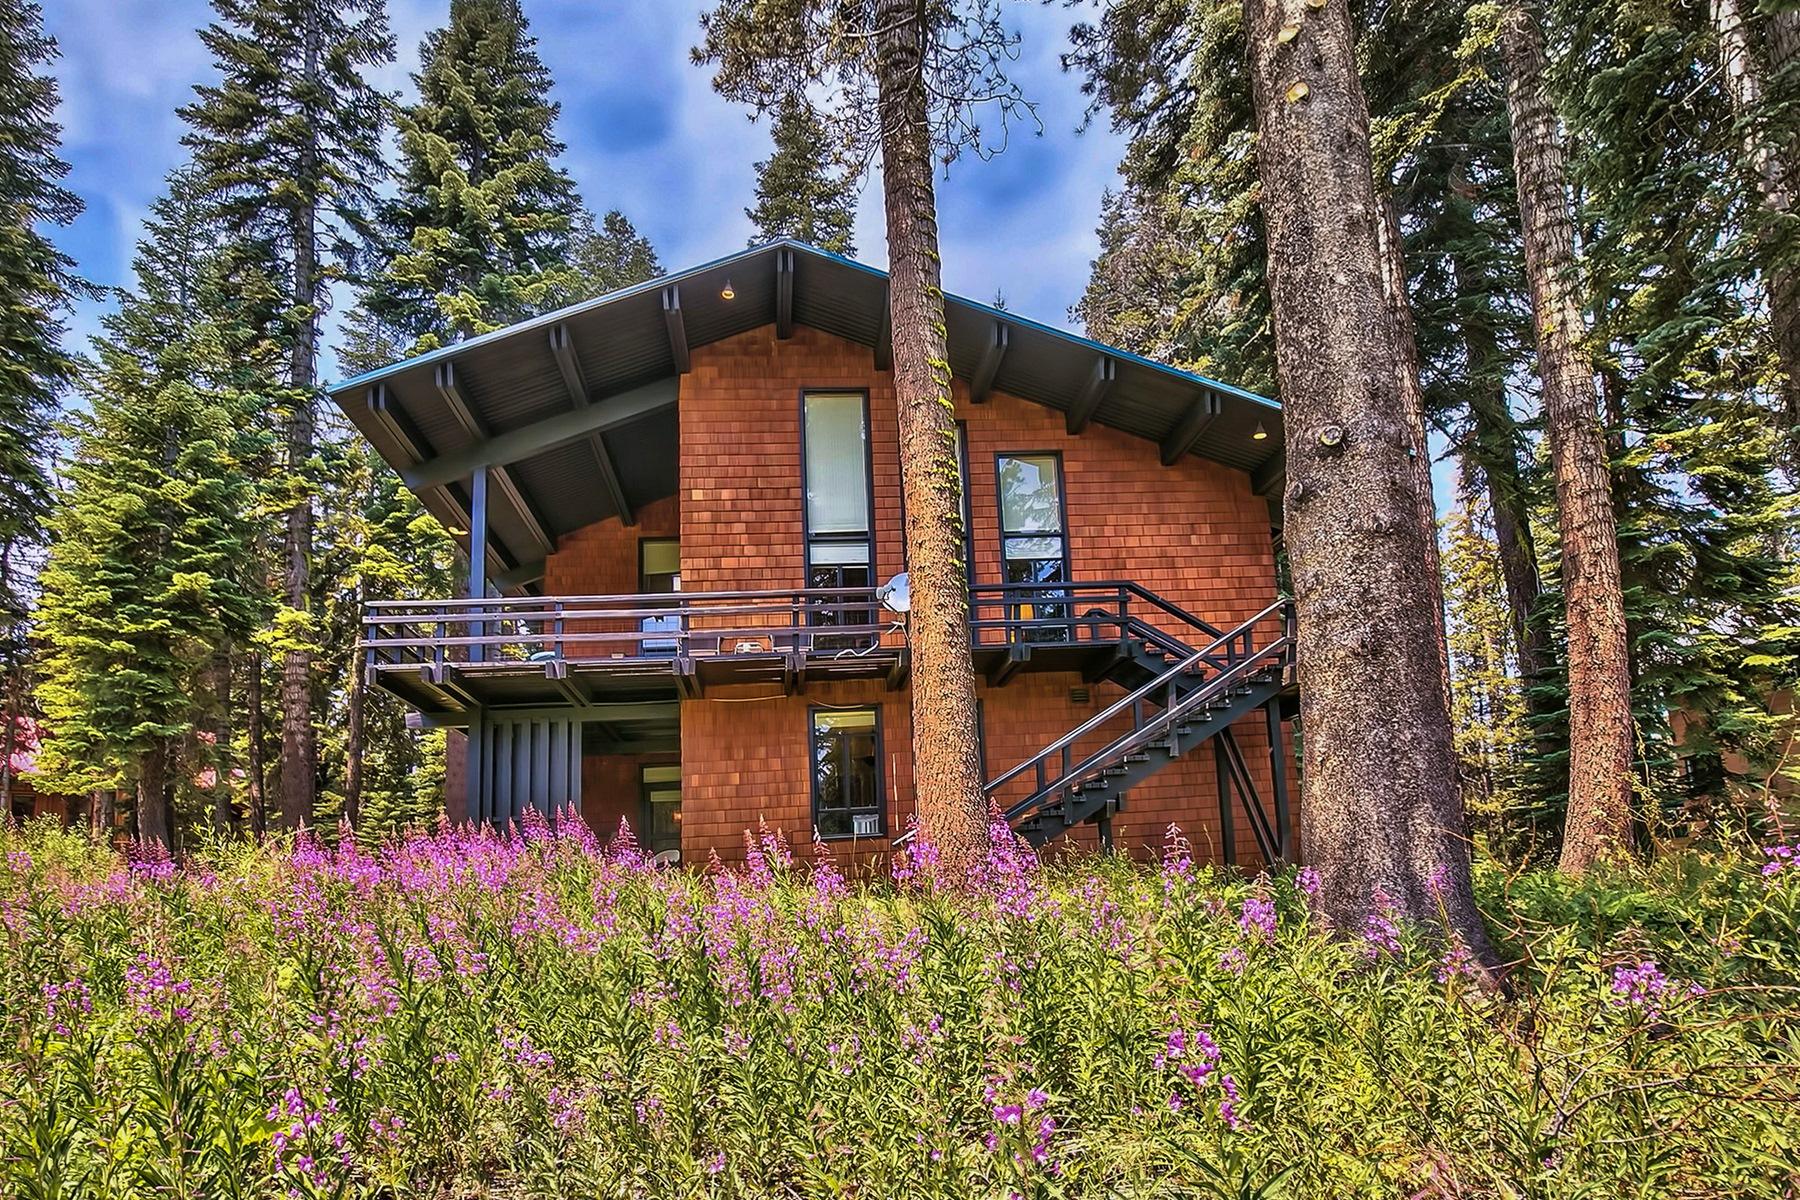 独户住宅 为 销售 在 1100 Mule Ears Drive 特拉基, 加利福尼亚州 96161 美国